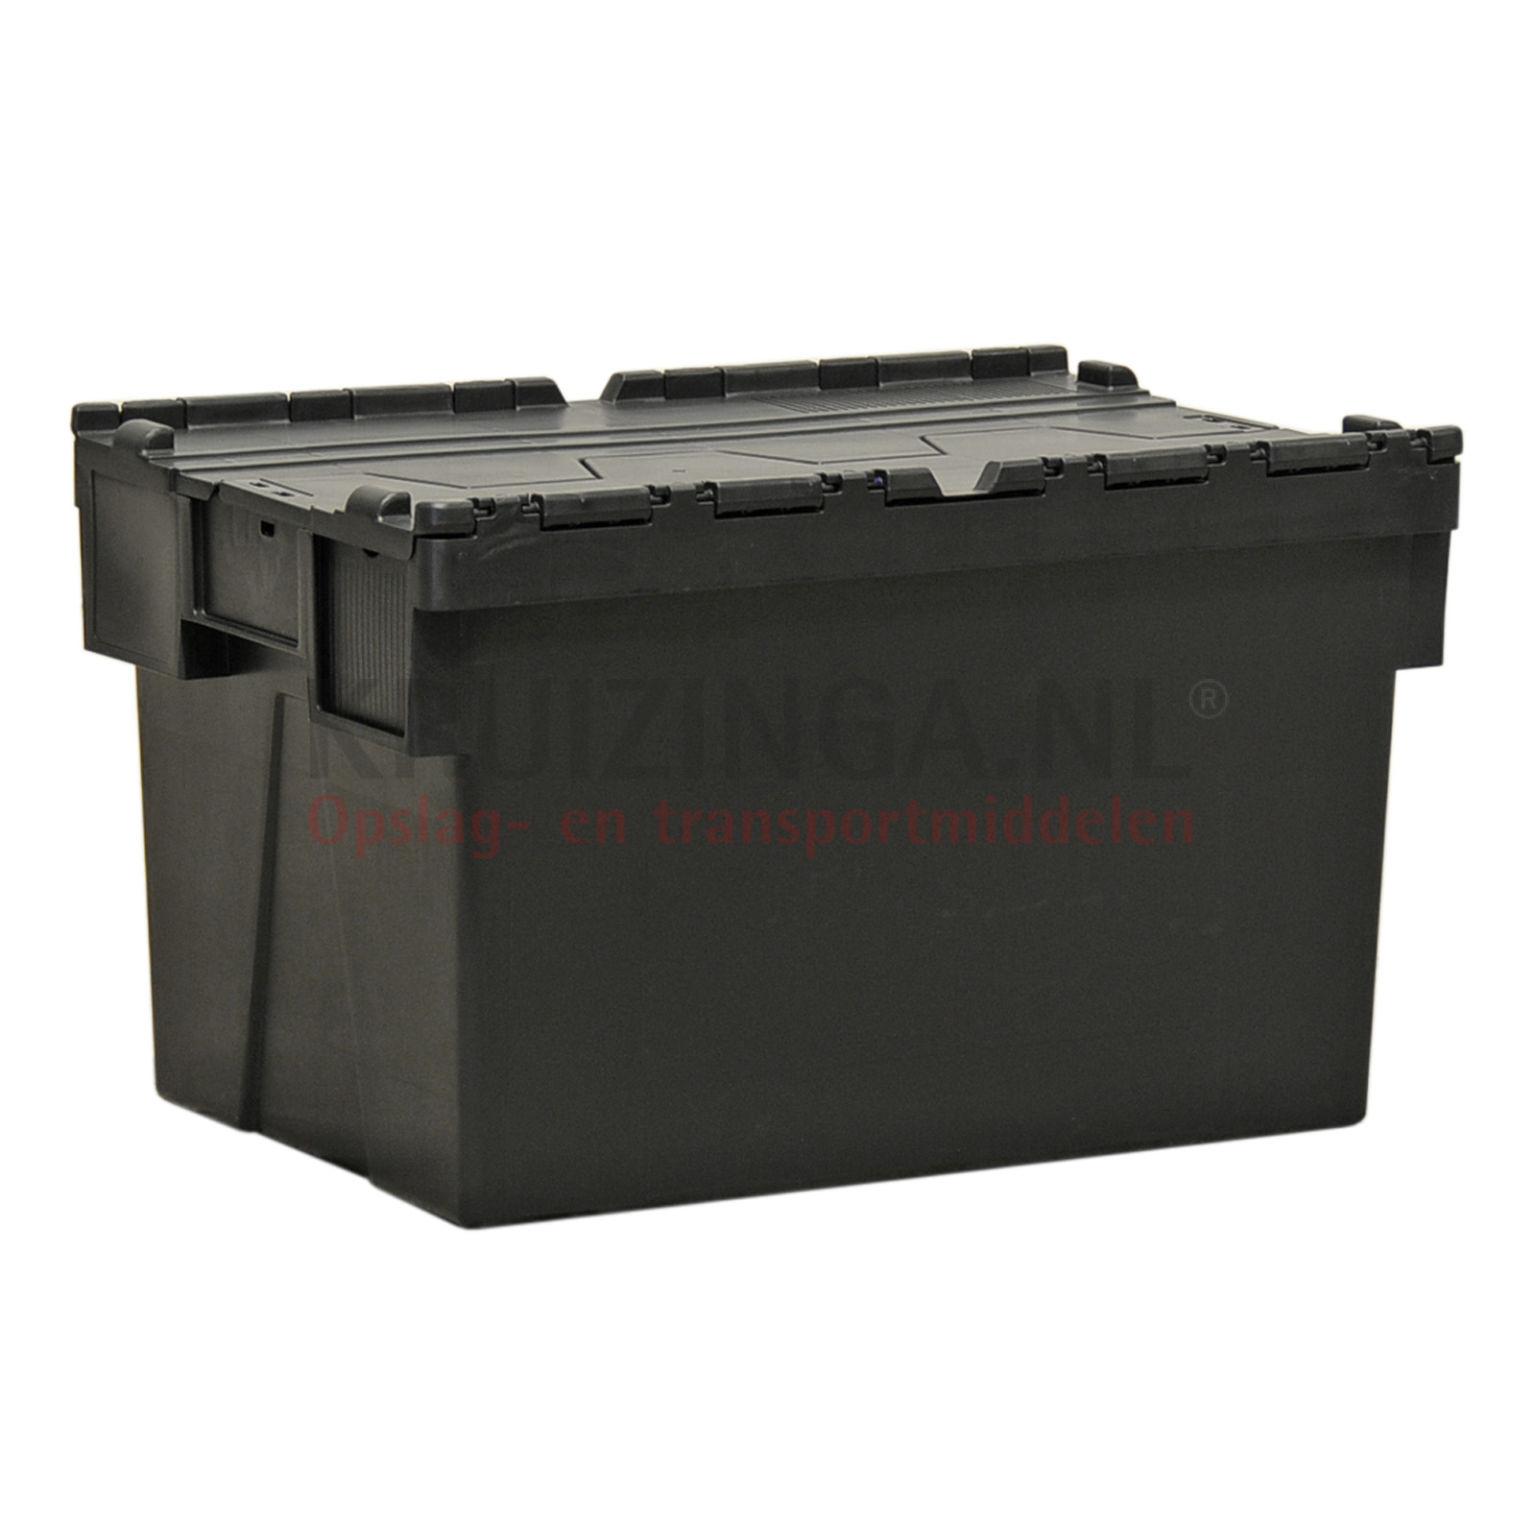 stapelboxen kunststoff schachtel und stapelbar mit 2 teiligem deckel ab 15 25 frei haus. Black Bedroom Furniture Sets. Home Design Ideas